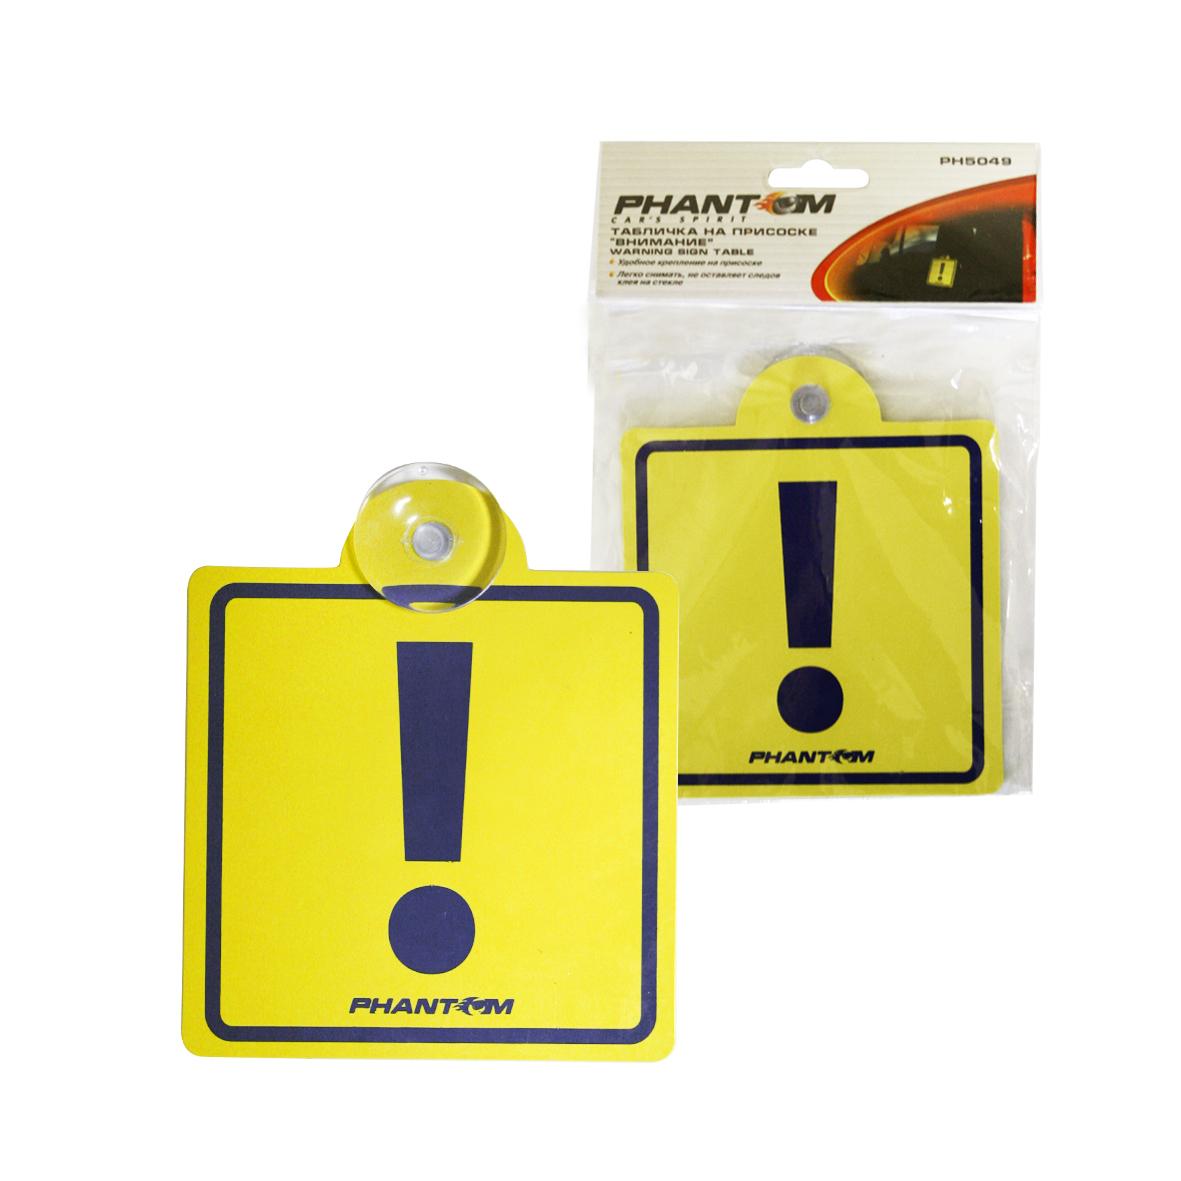 Табличка на присоске Phantom Внимание5049Табличка на присоске Phantom Внимание предназначена для предупреждения участников дорожного движения о неопытности водителя автотранспортного средства. Легкая переустановка, присоски не оставляют следов клея на стекле. Характеристики: Материал: пластик, силикон. Размеры таблички: 11 см х 13 см х 0,5 см. Размеры упаковки: 13 см х 15 см х 0,5 см.